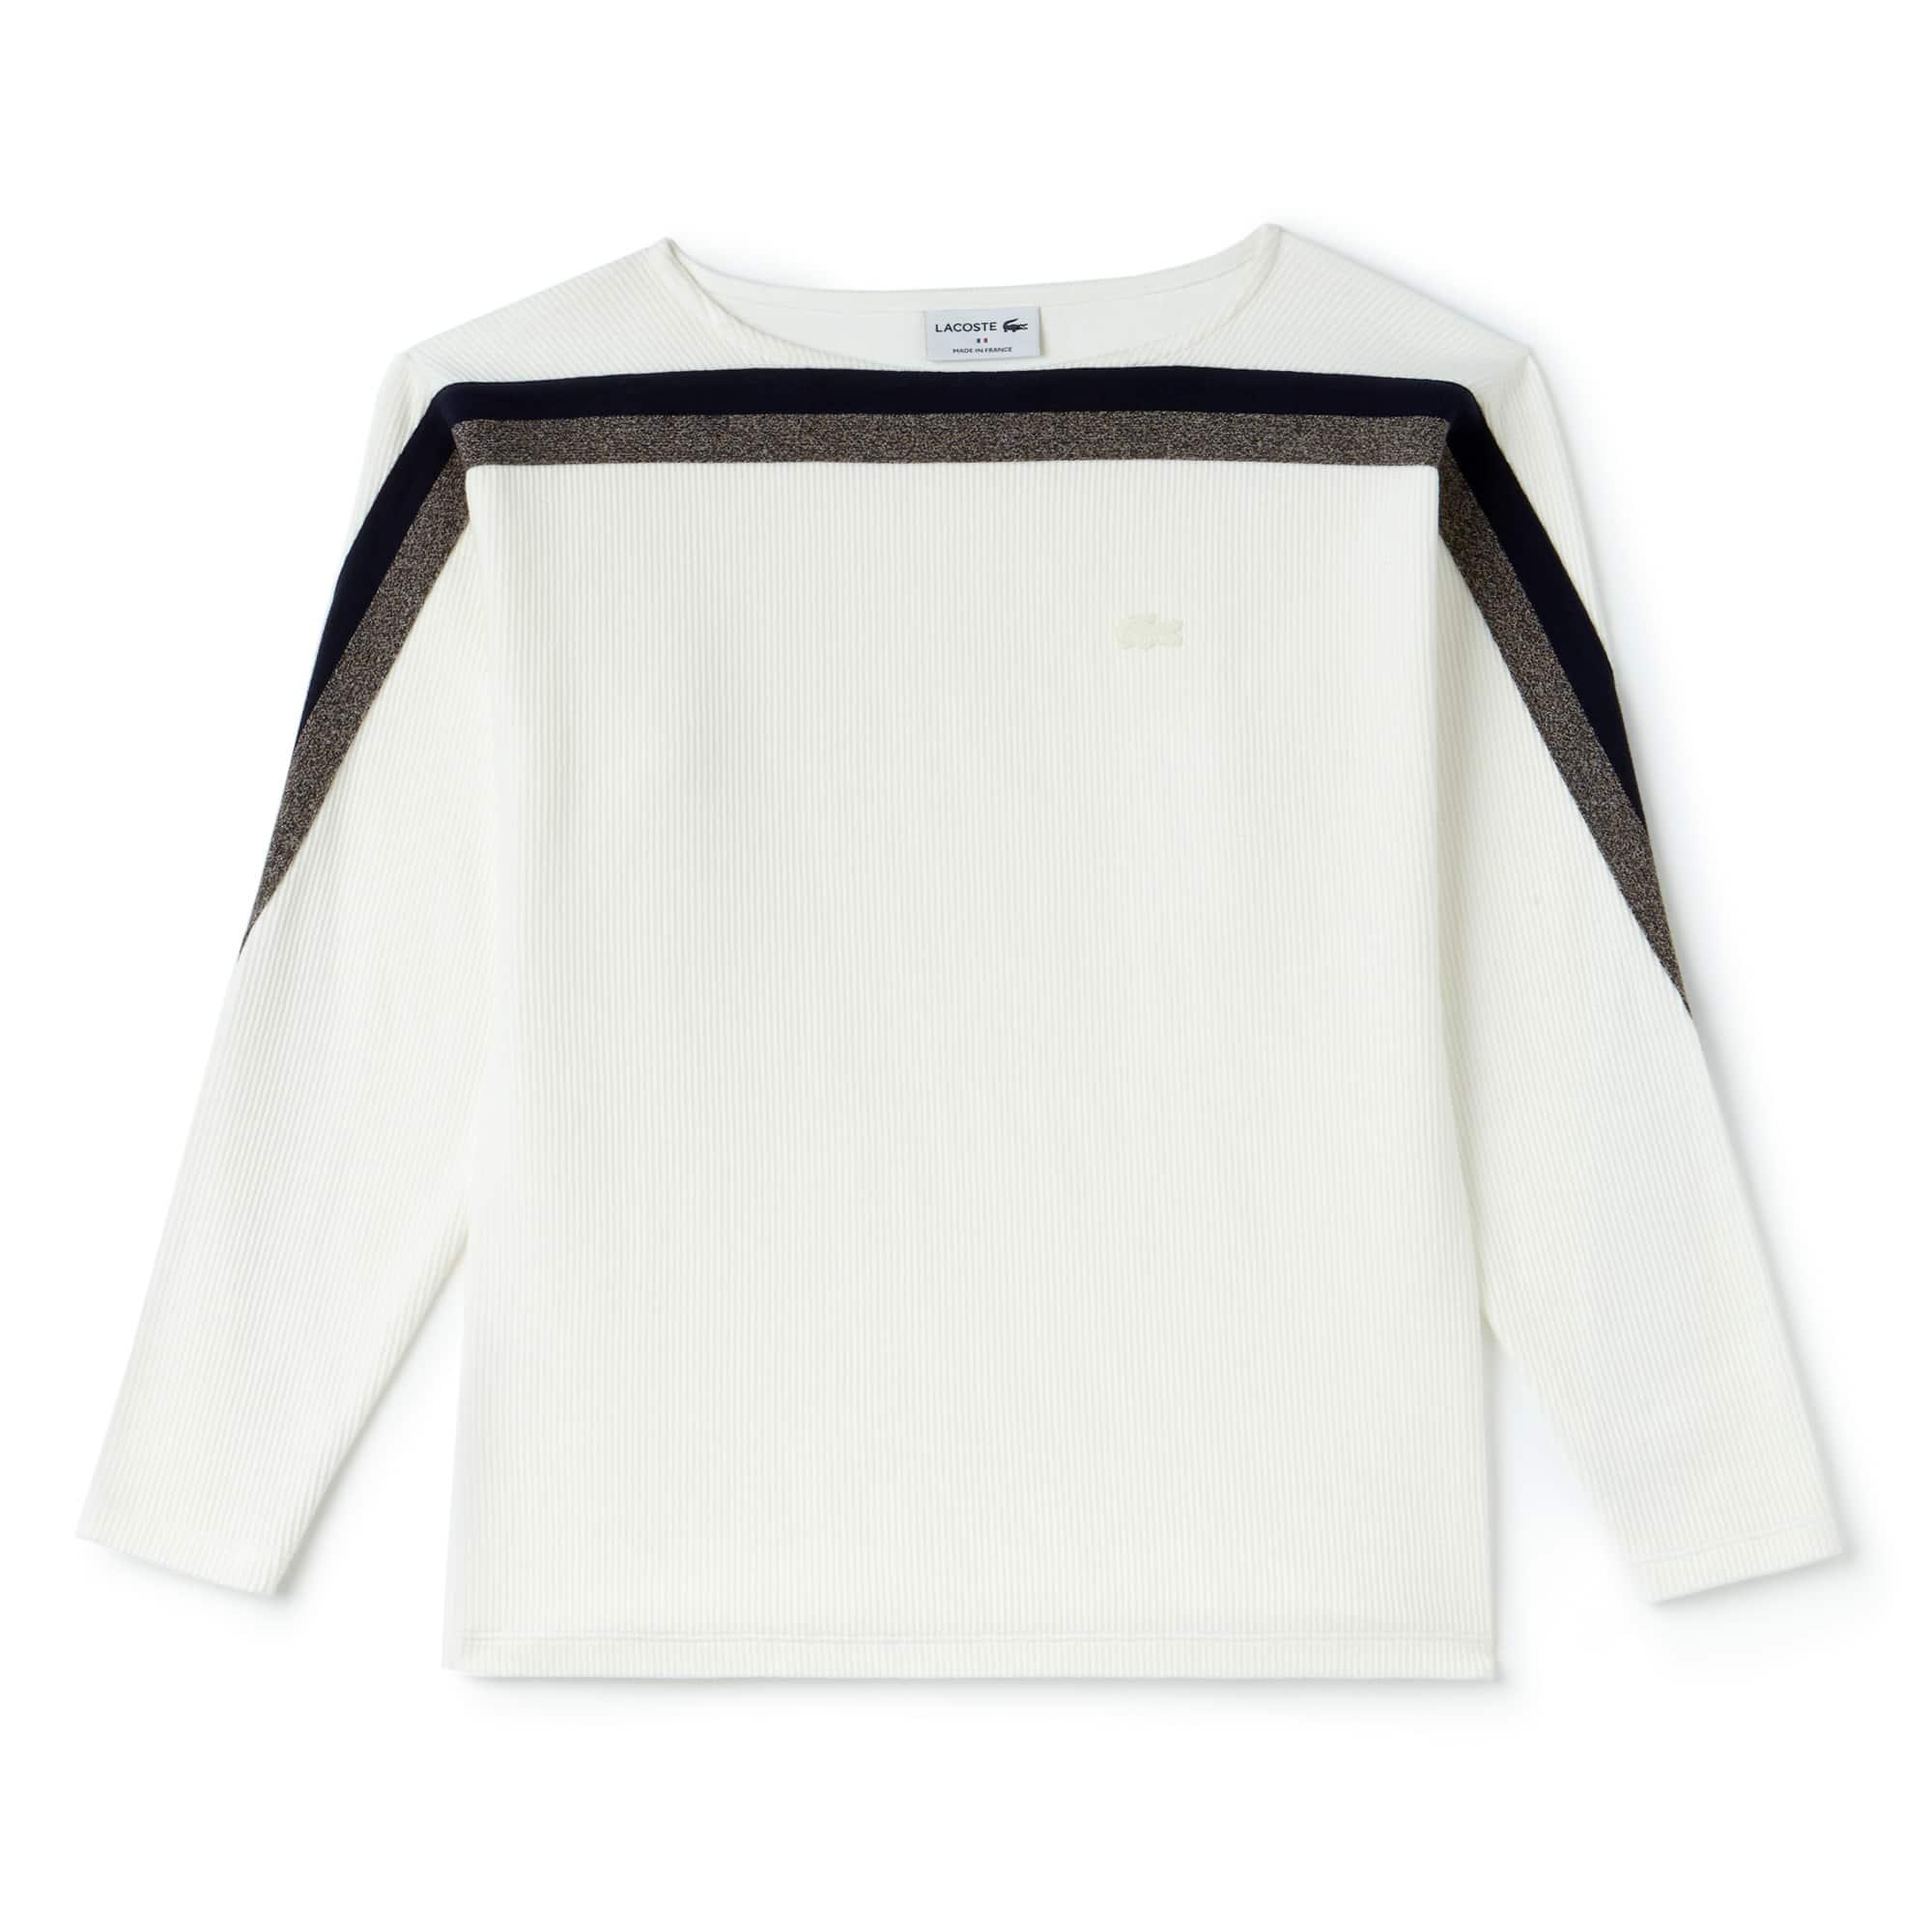 Sweatshirt com gola barco Made in France em algodão canelado com faixas a contrastar